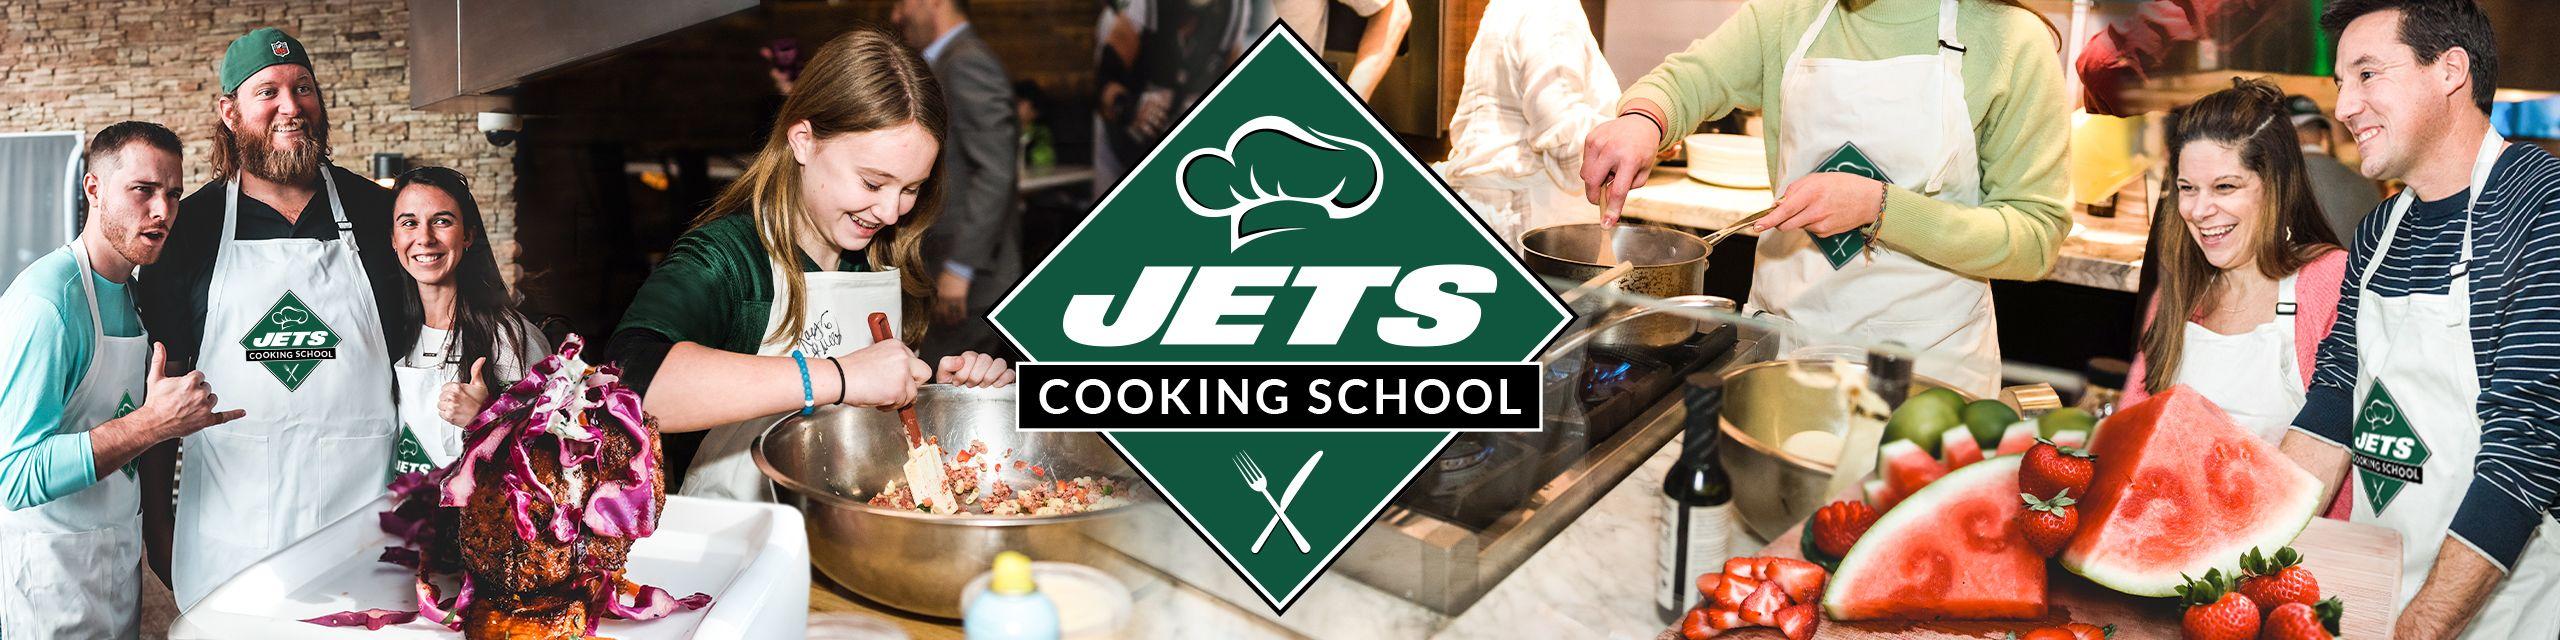 Jets Cooking School-Header-final-2019